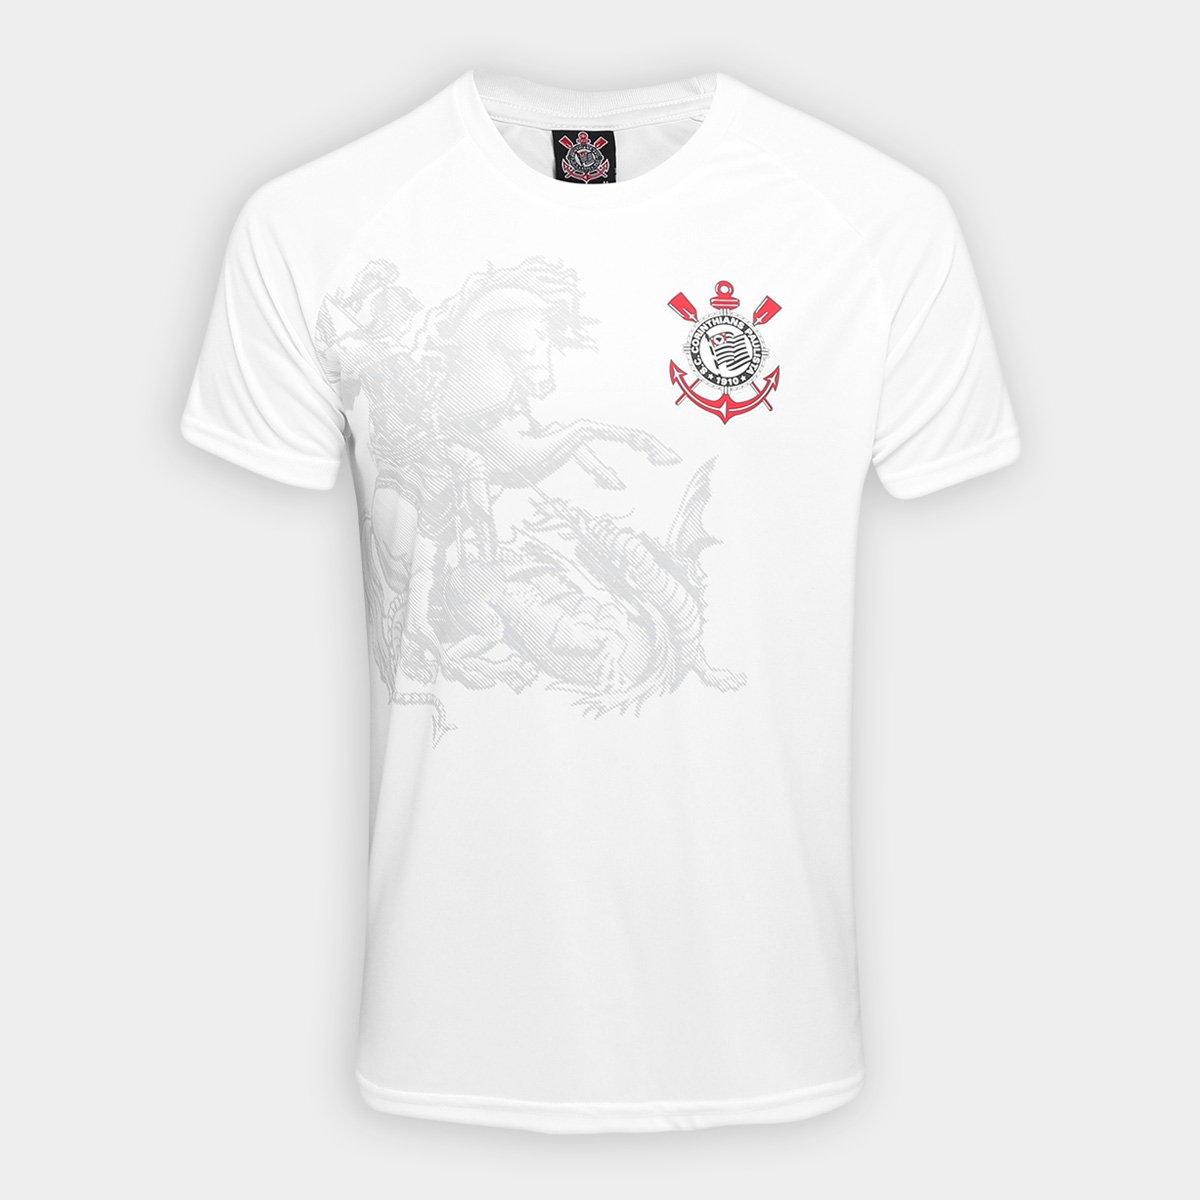 Camisa Corinthians São Jorge Edição Limitada Masculina  1bbab5961381b